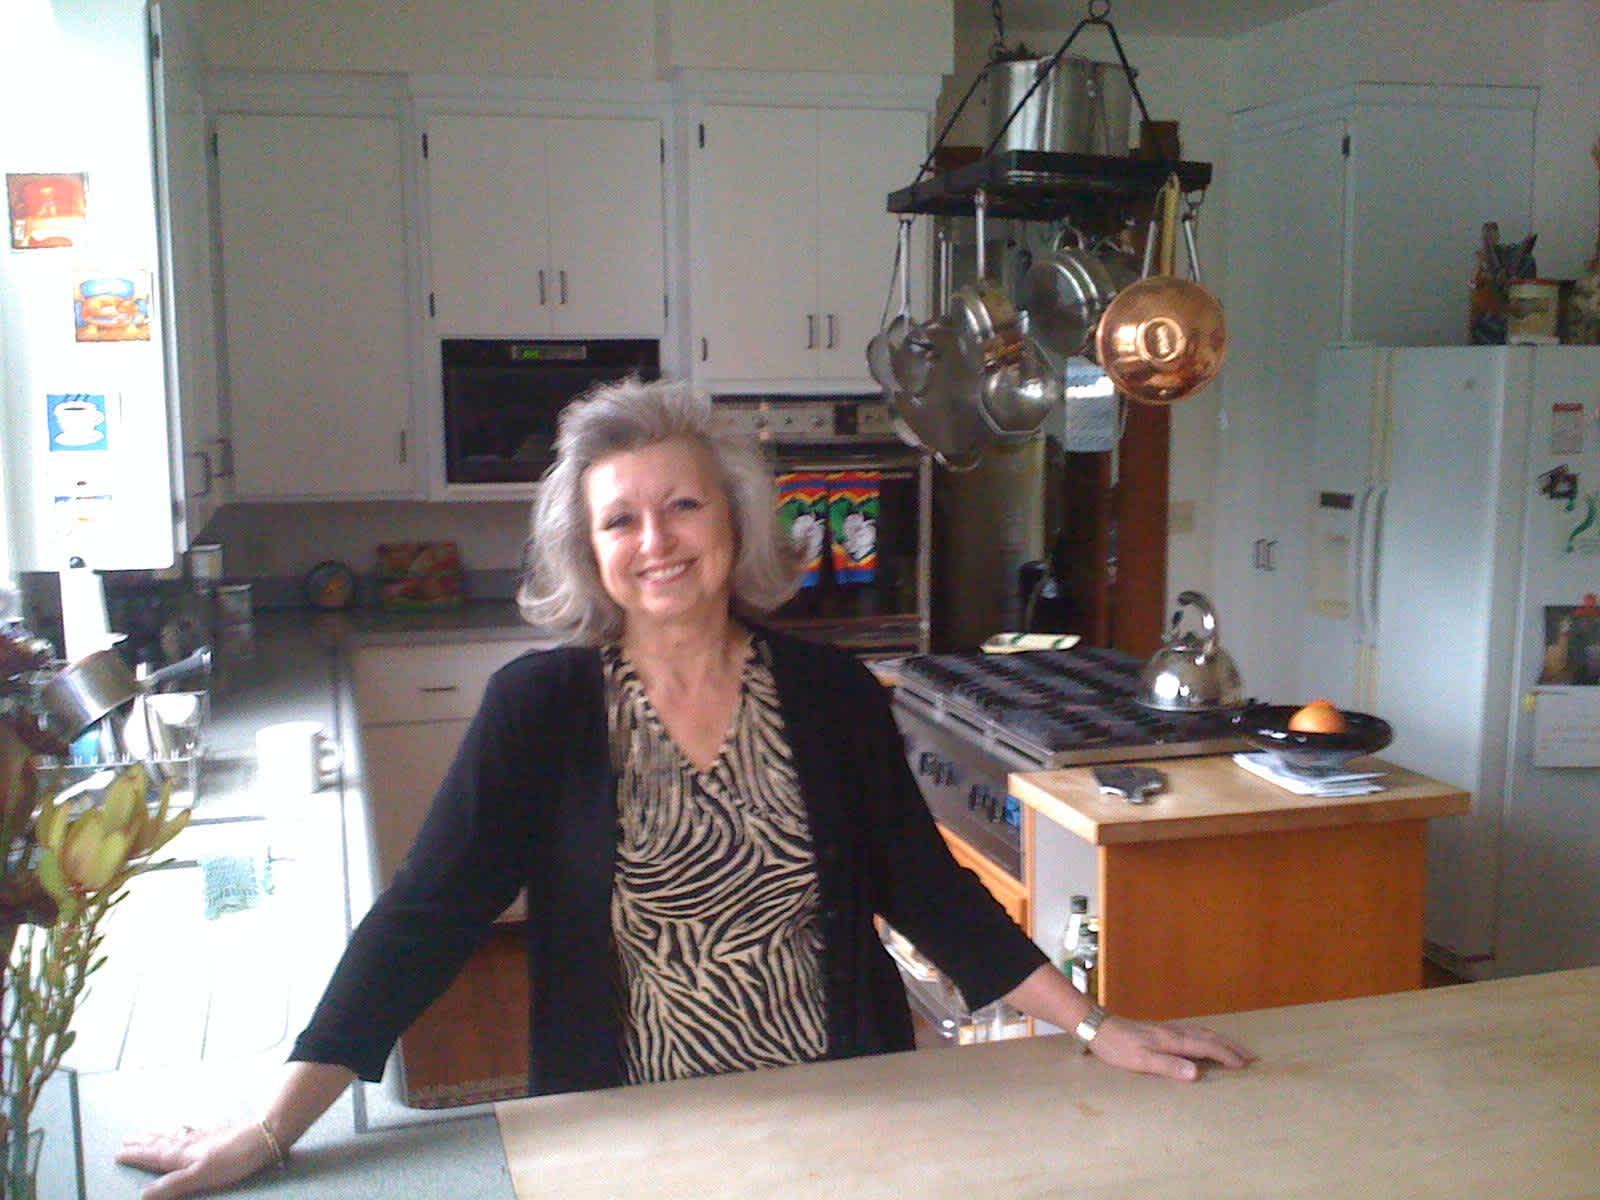 Marlene from Blaine, Washington, United States